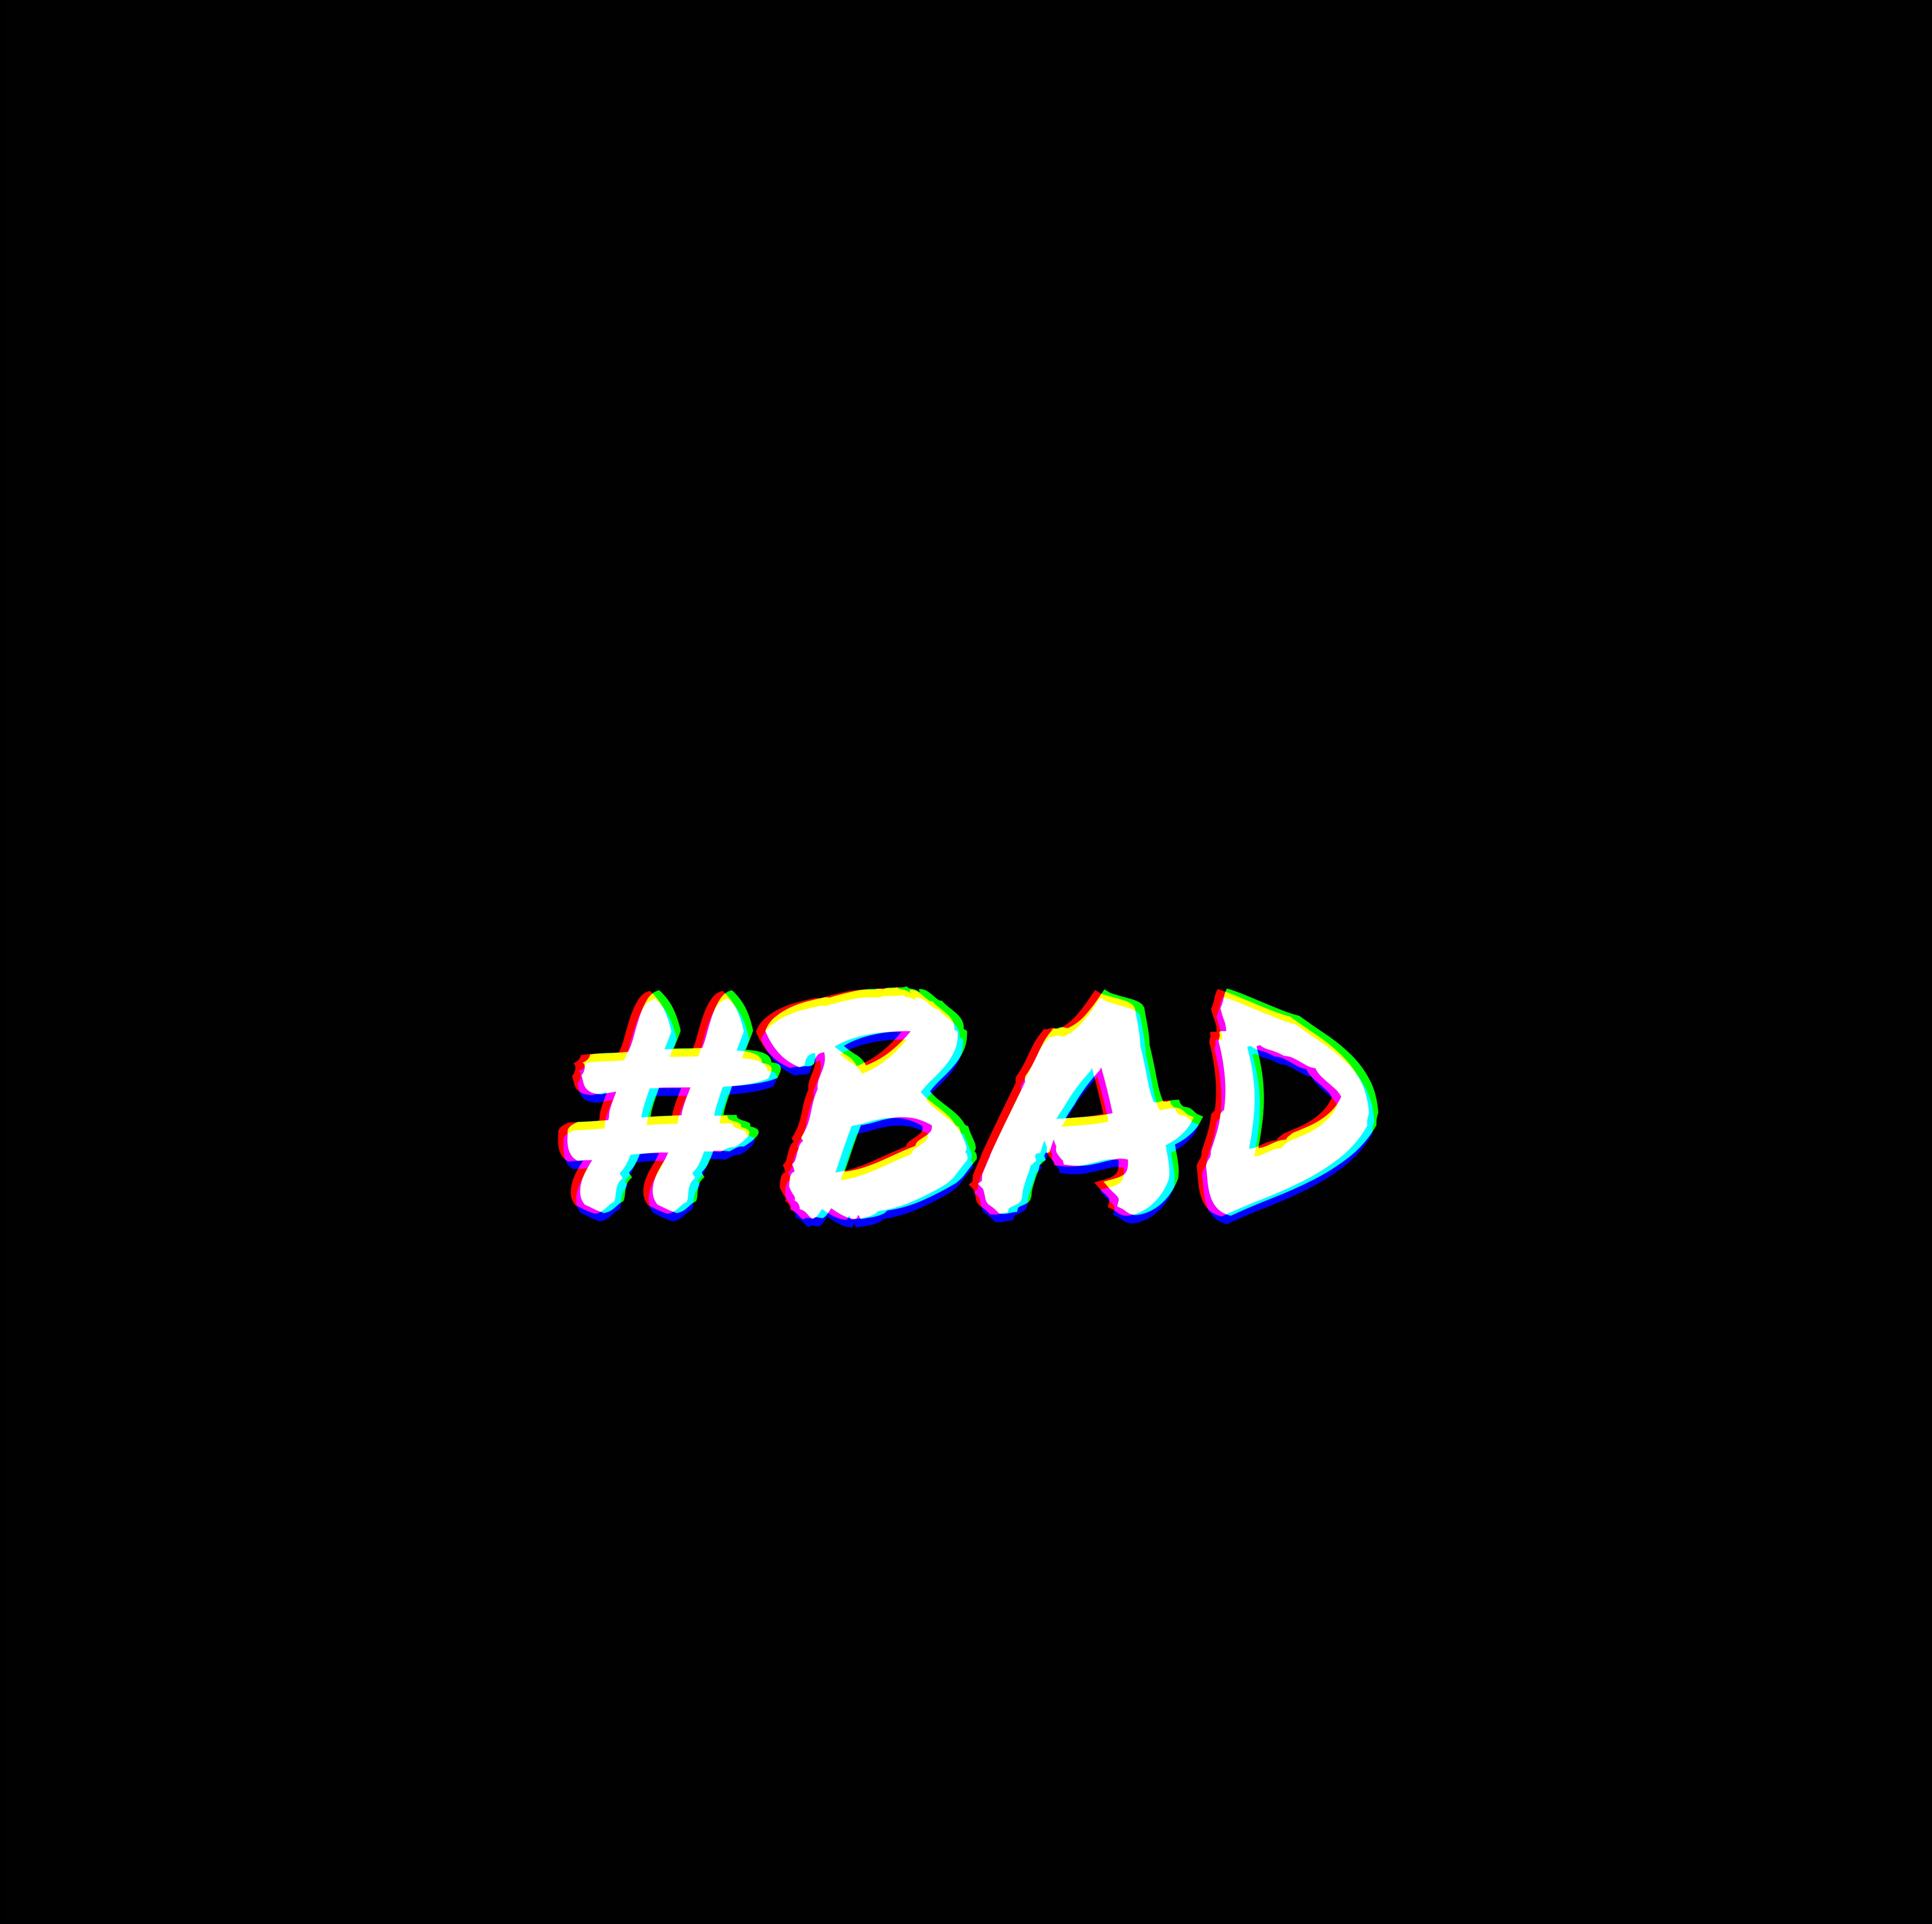 151998 Заставки и Обои Слова на телефон. Скачать Слова, Надпись, Плохой, Хэштег, Bad картинки бесплатно